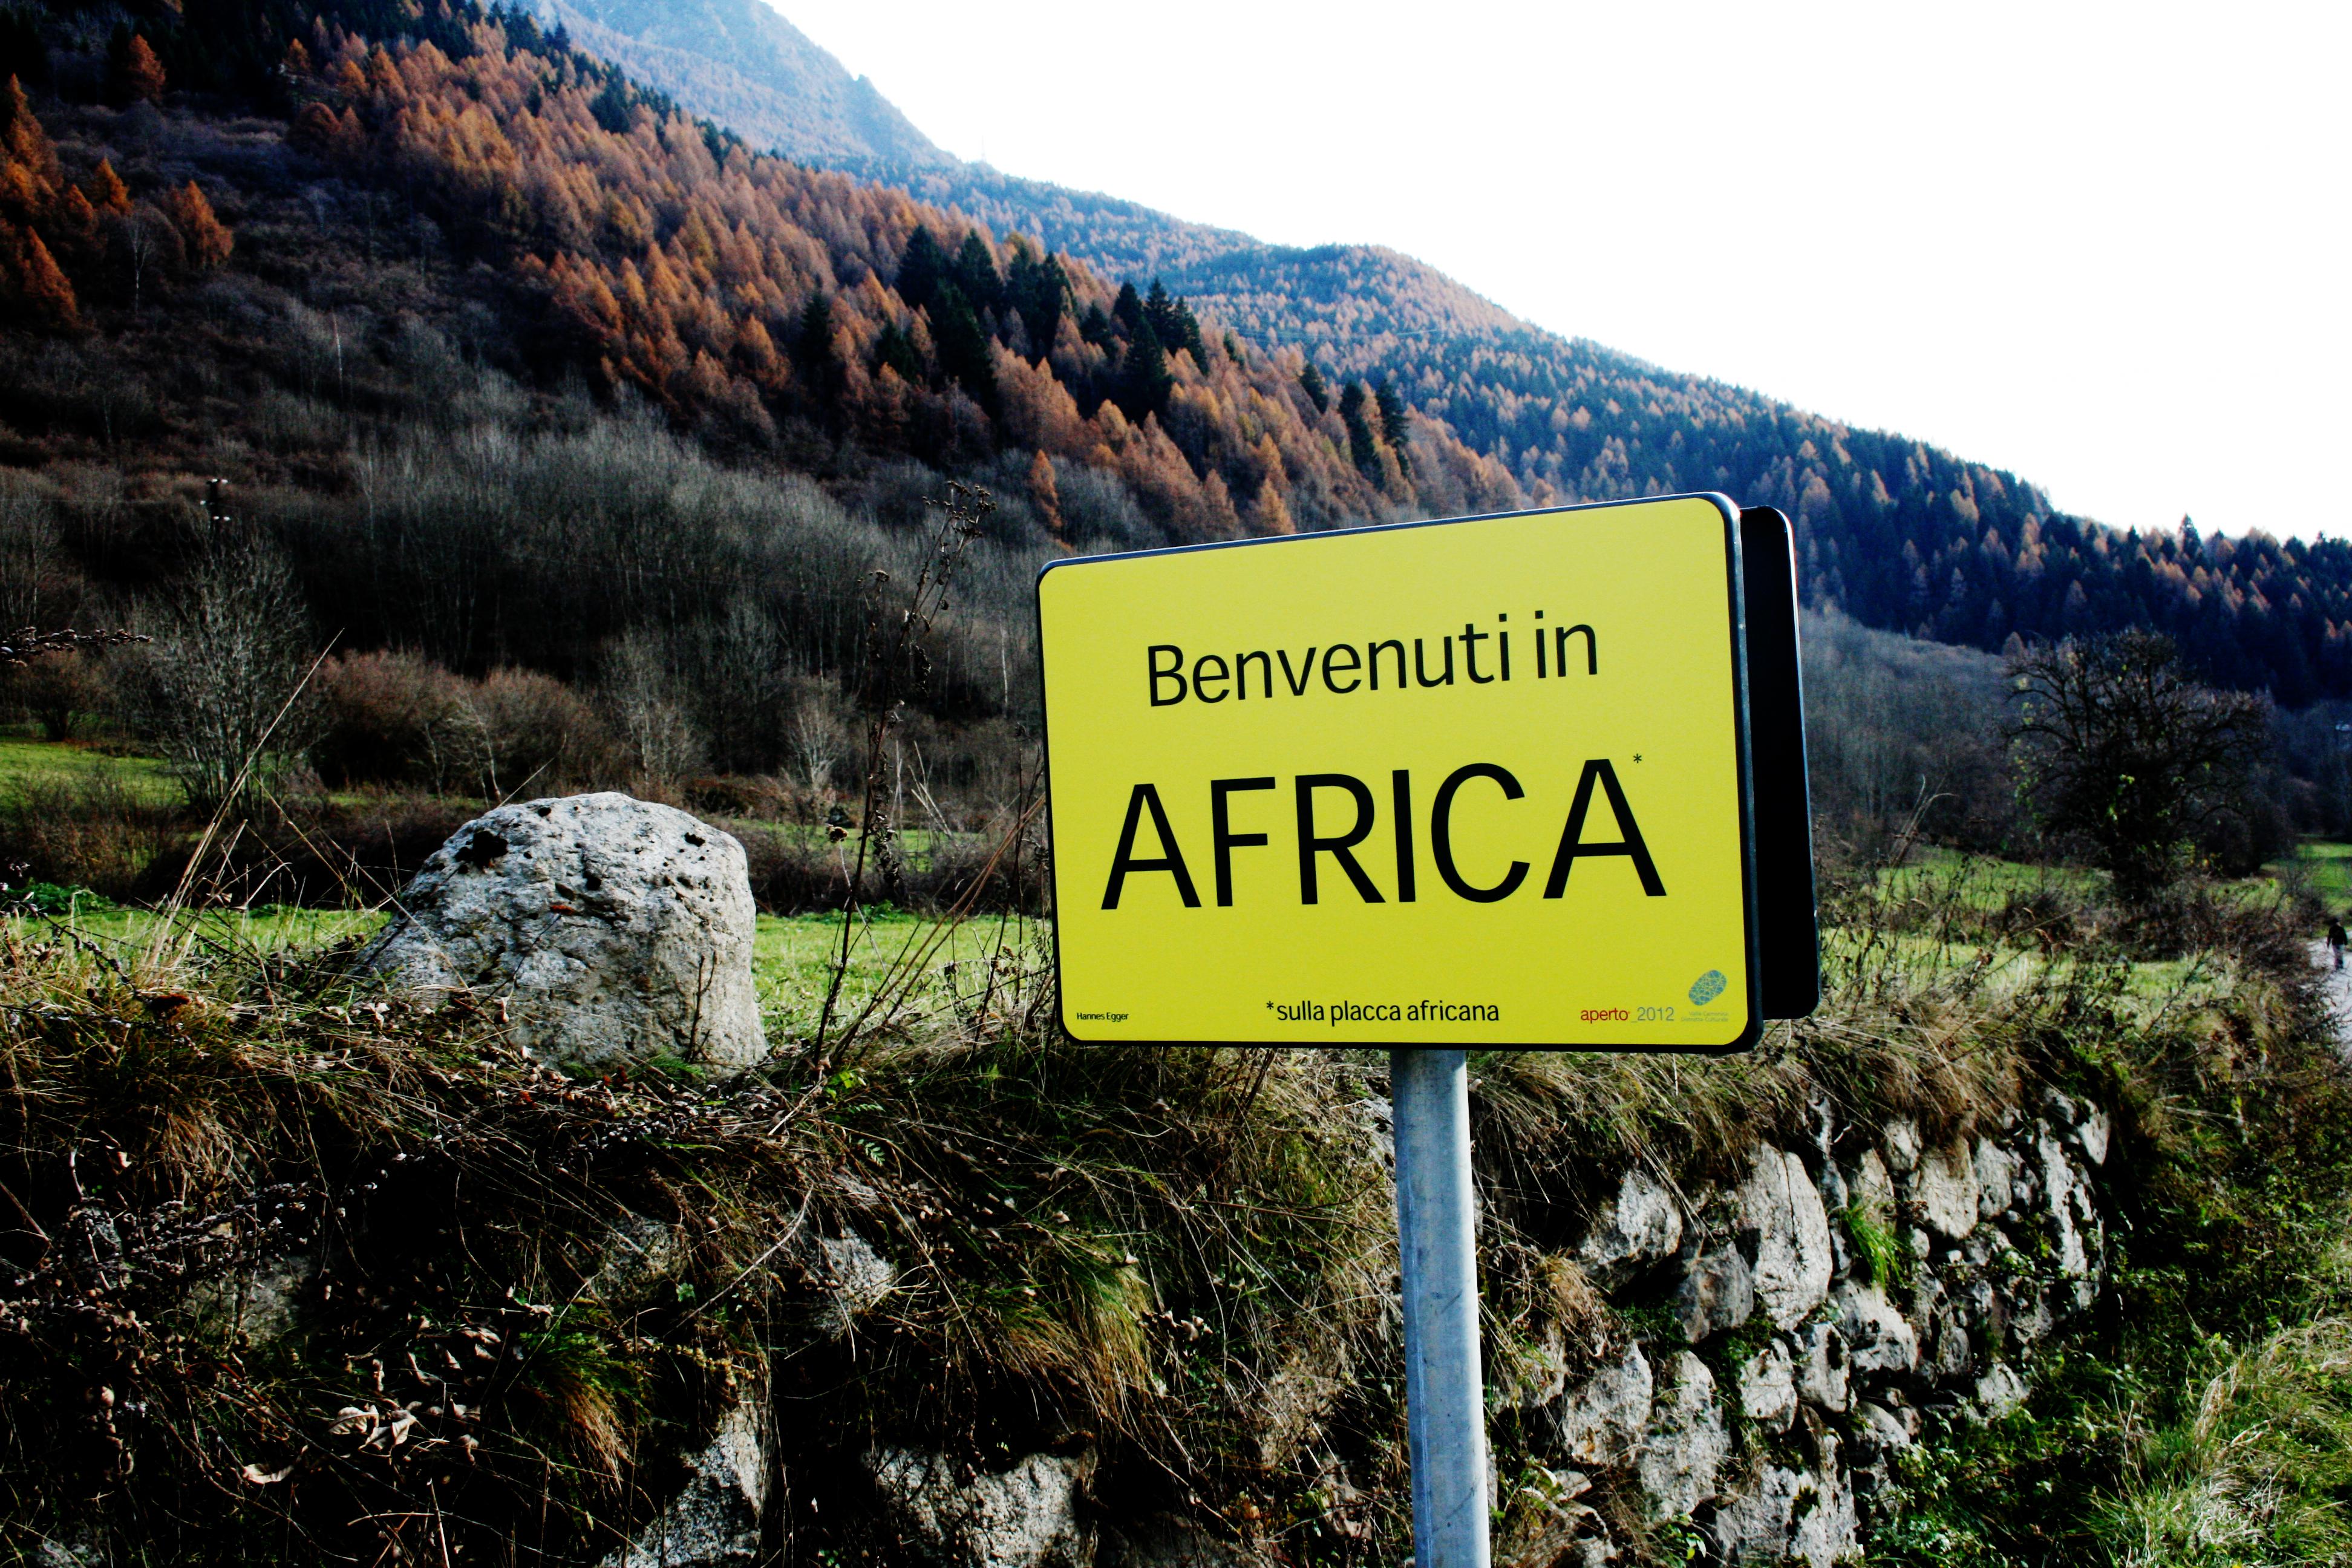 Hannes Egger, Benvenuti in Africa, 2012